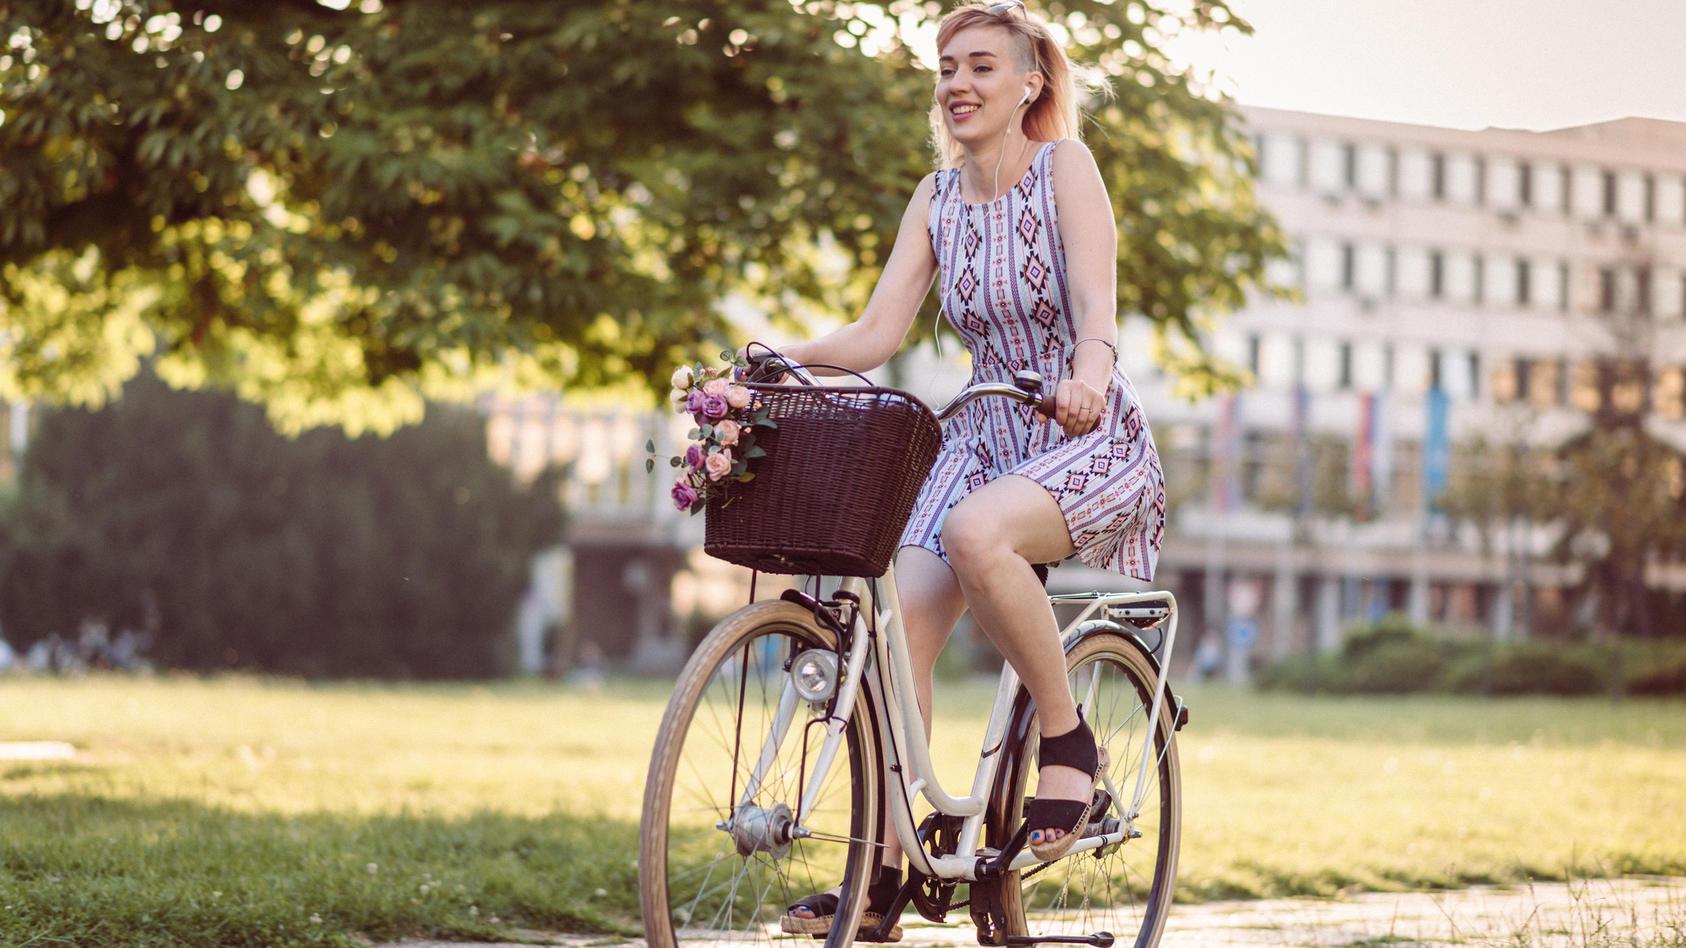 Röcke mit leichten Stoffen fliegen beim Radfahren leider ständig hoch.